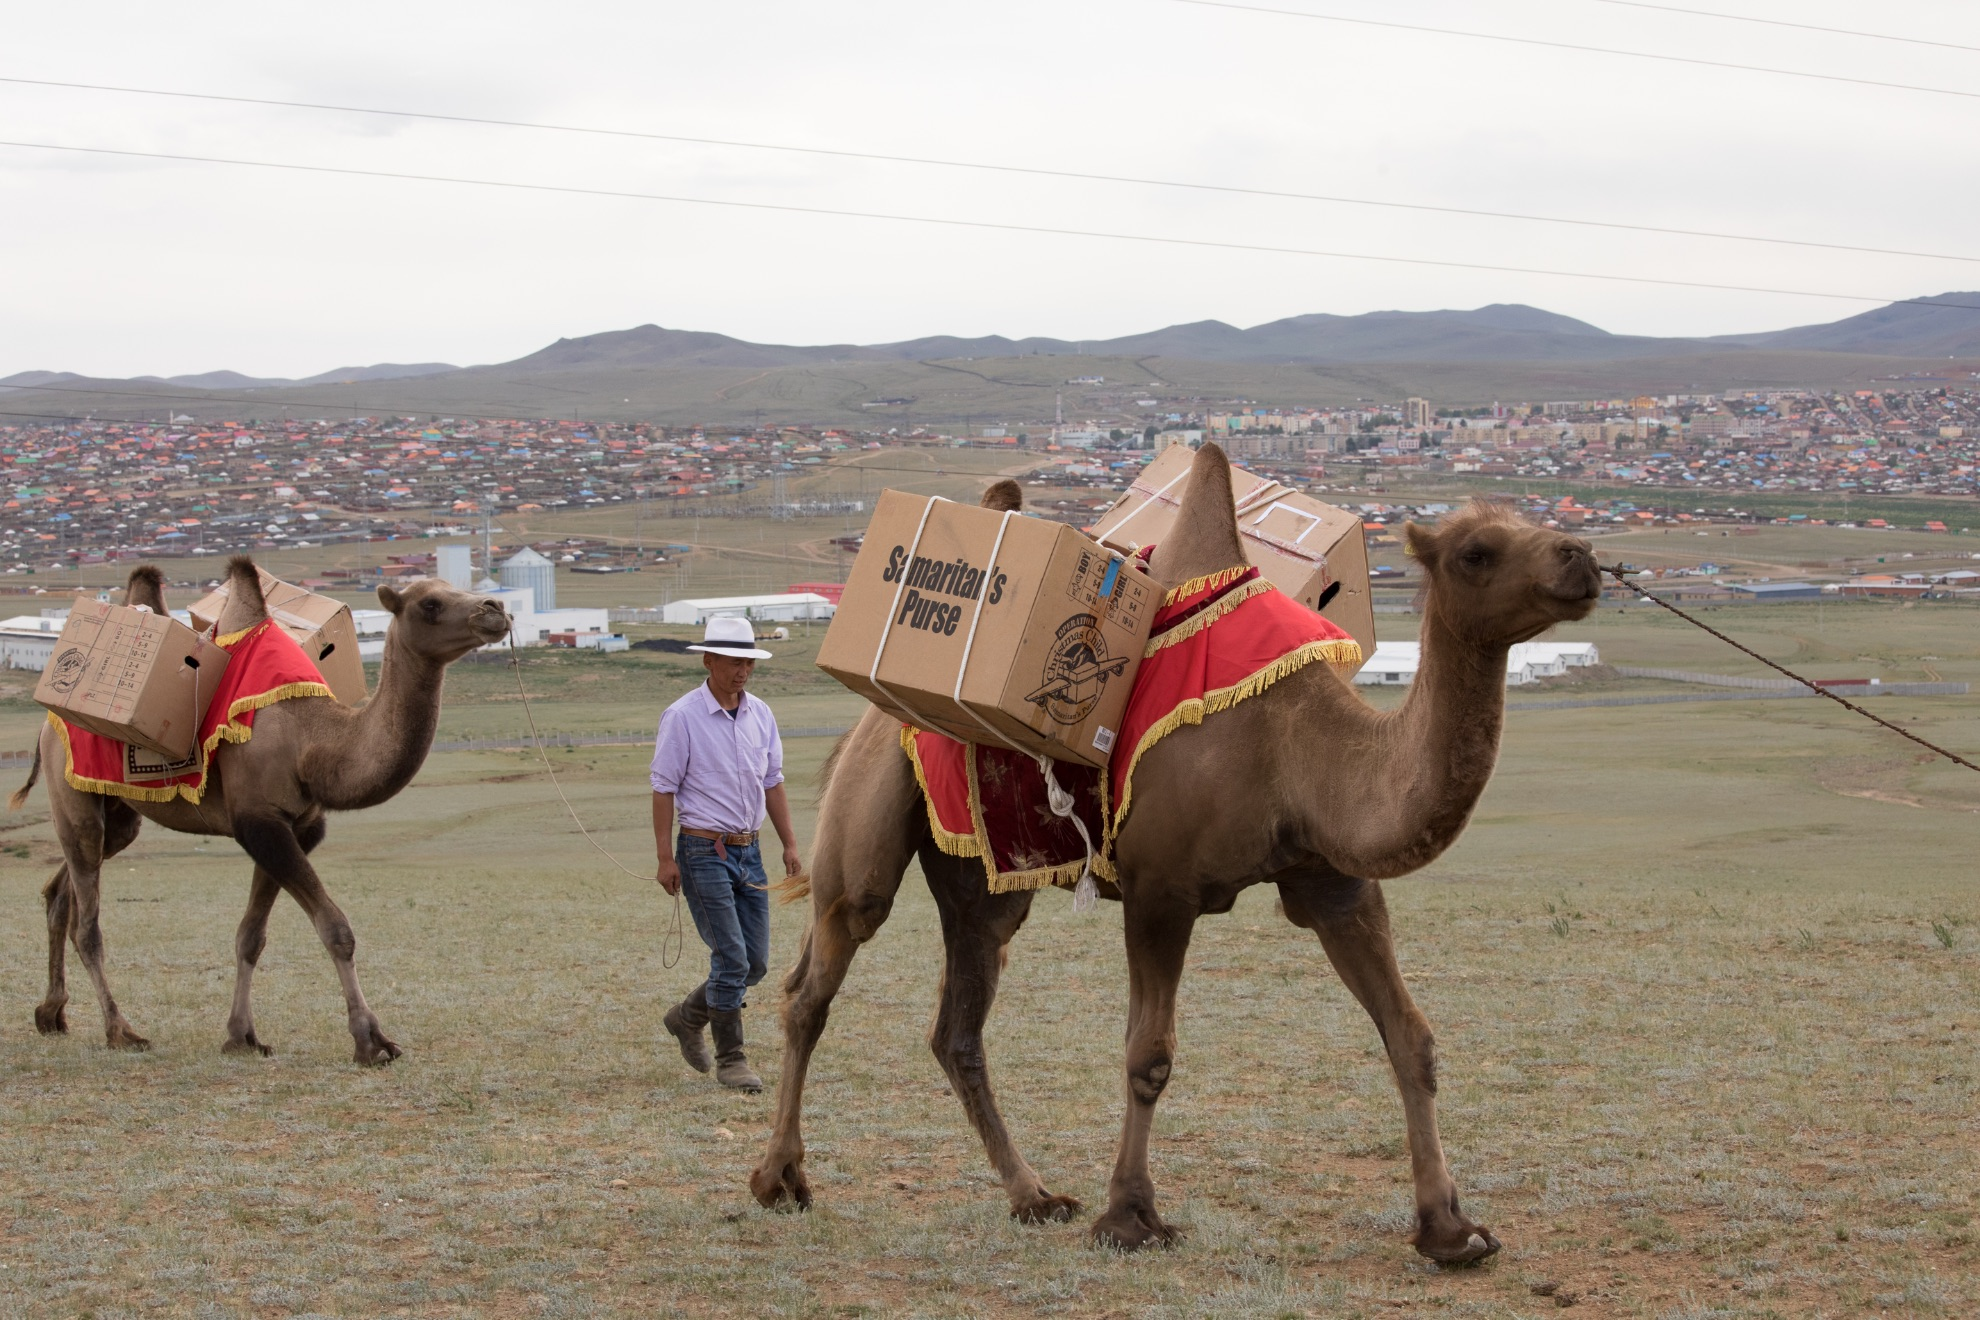 몽골에서는 아이들에게 전달할 선물상자를 낙타를 통해 운송하기도 한다.